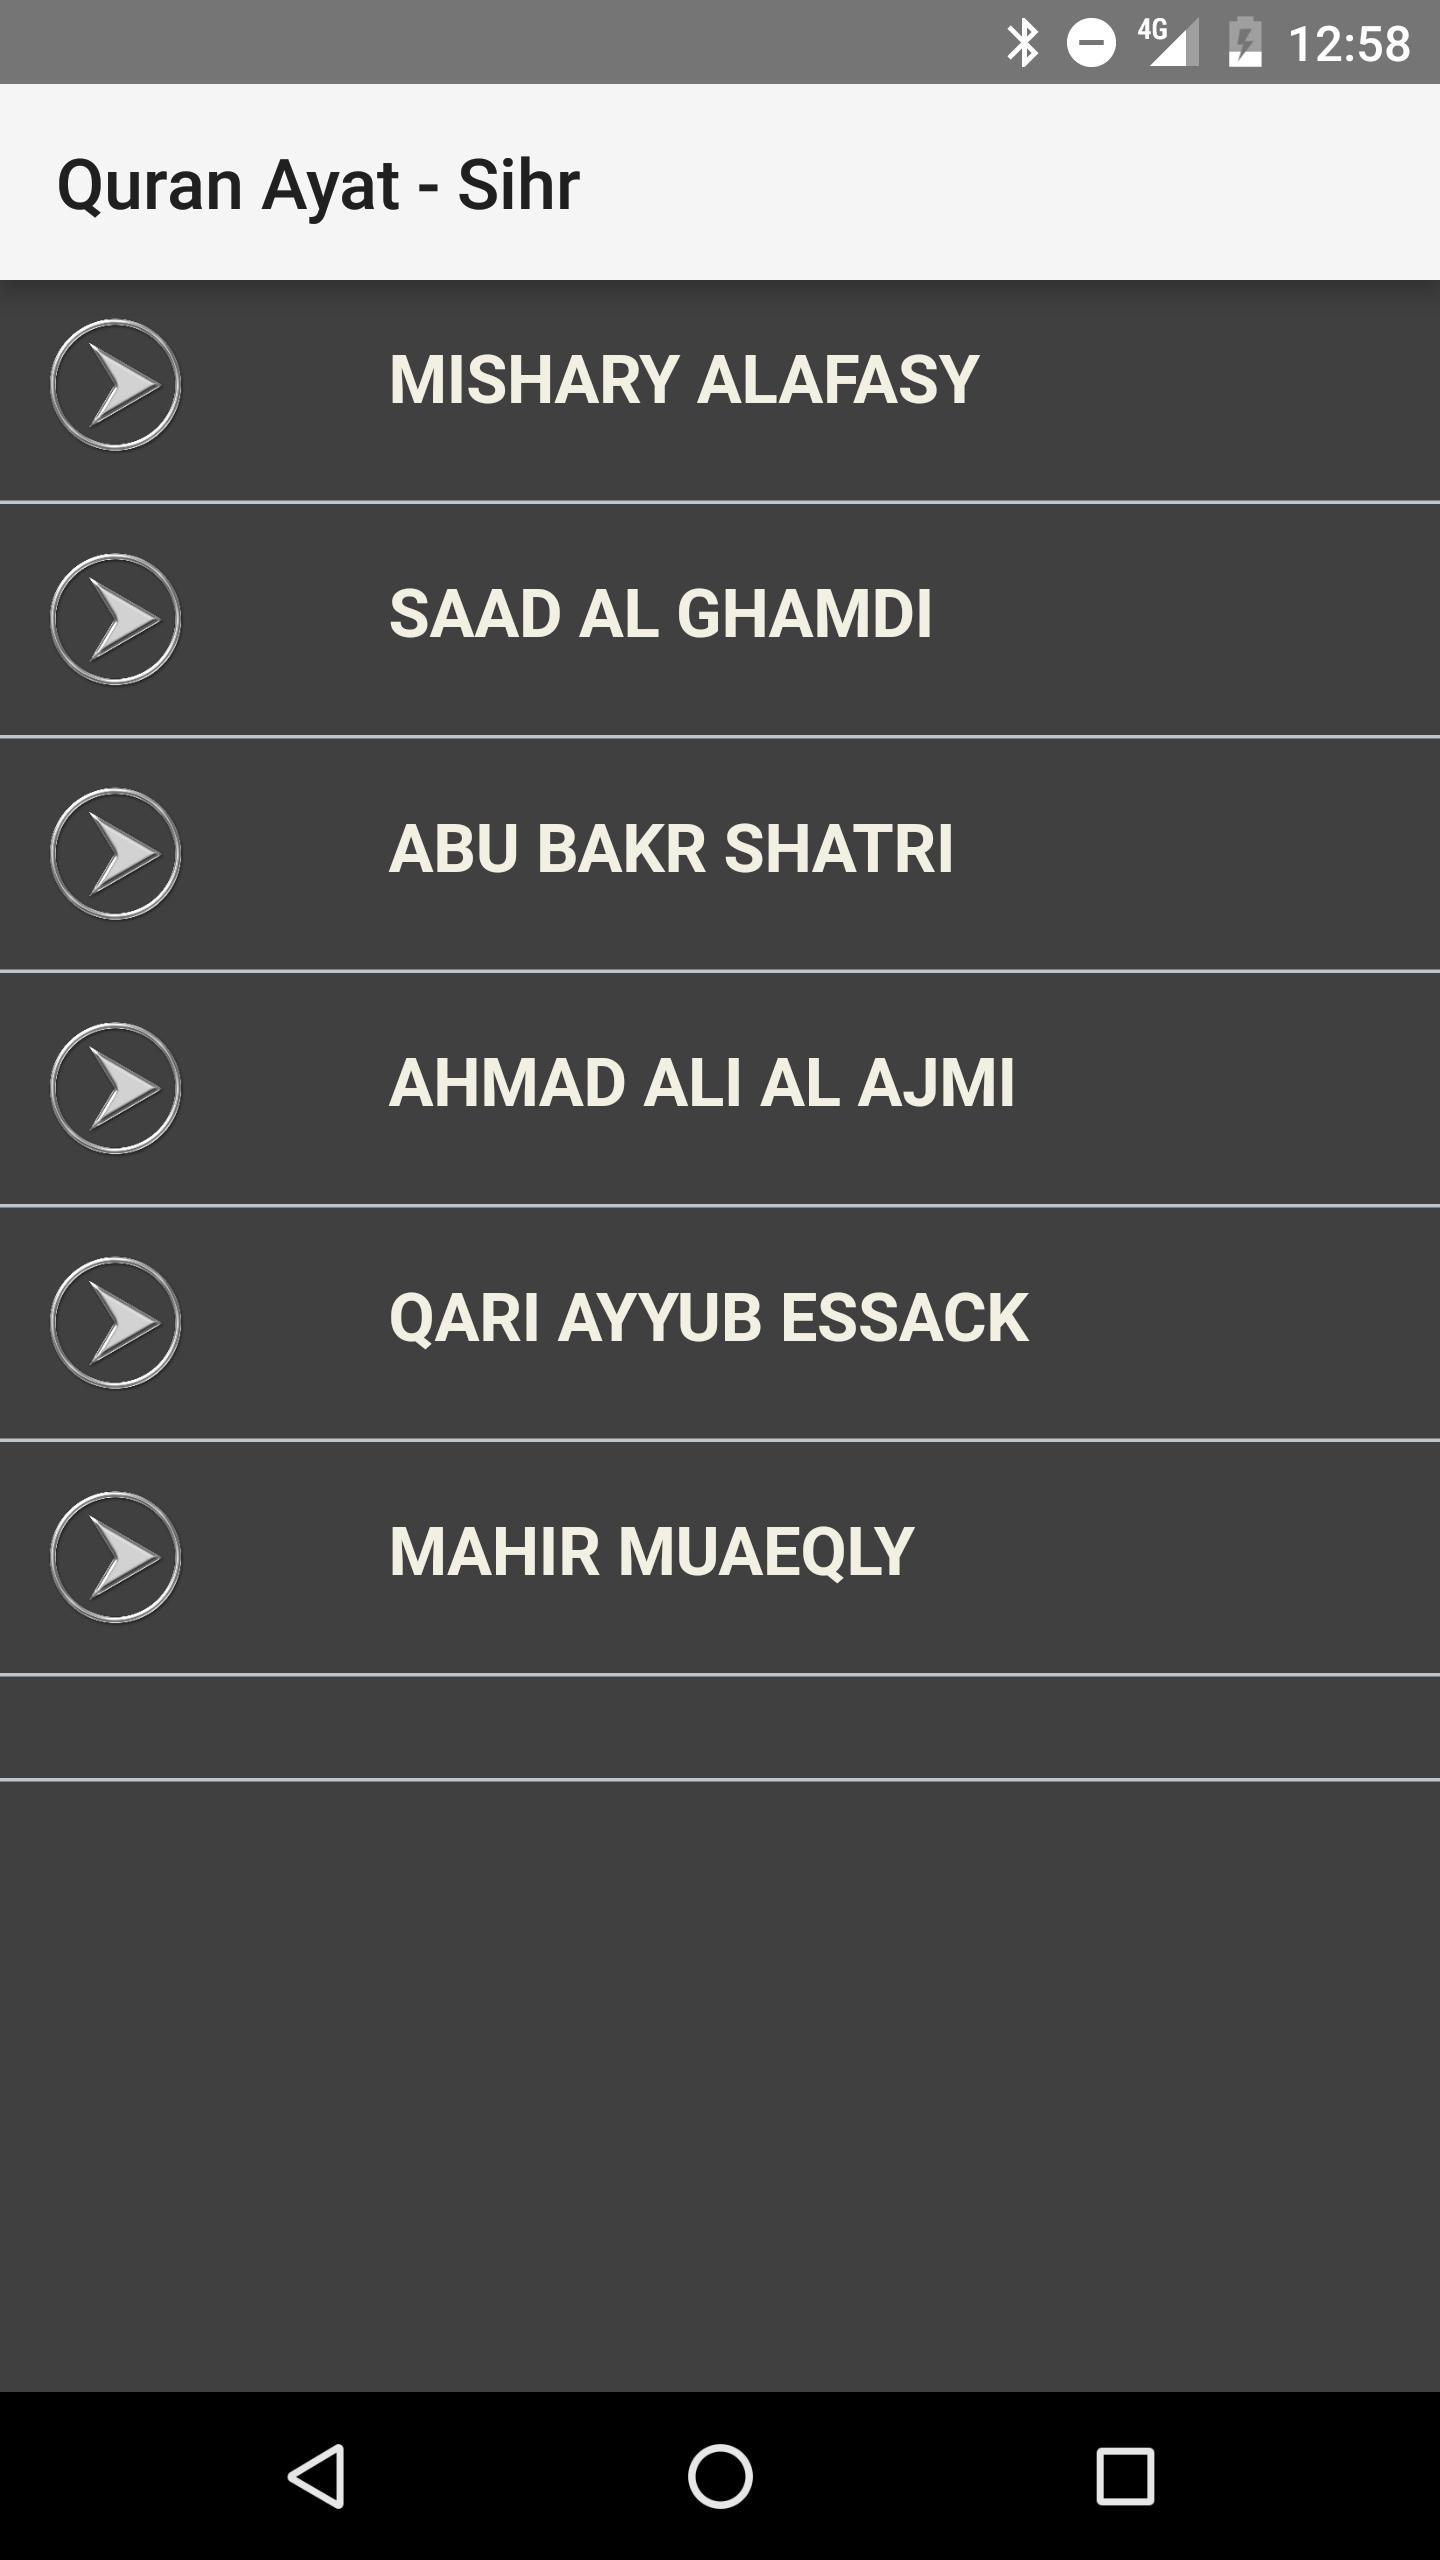 Quran Ayat - Sihr for Android - APK Download